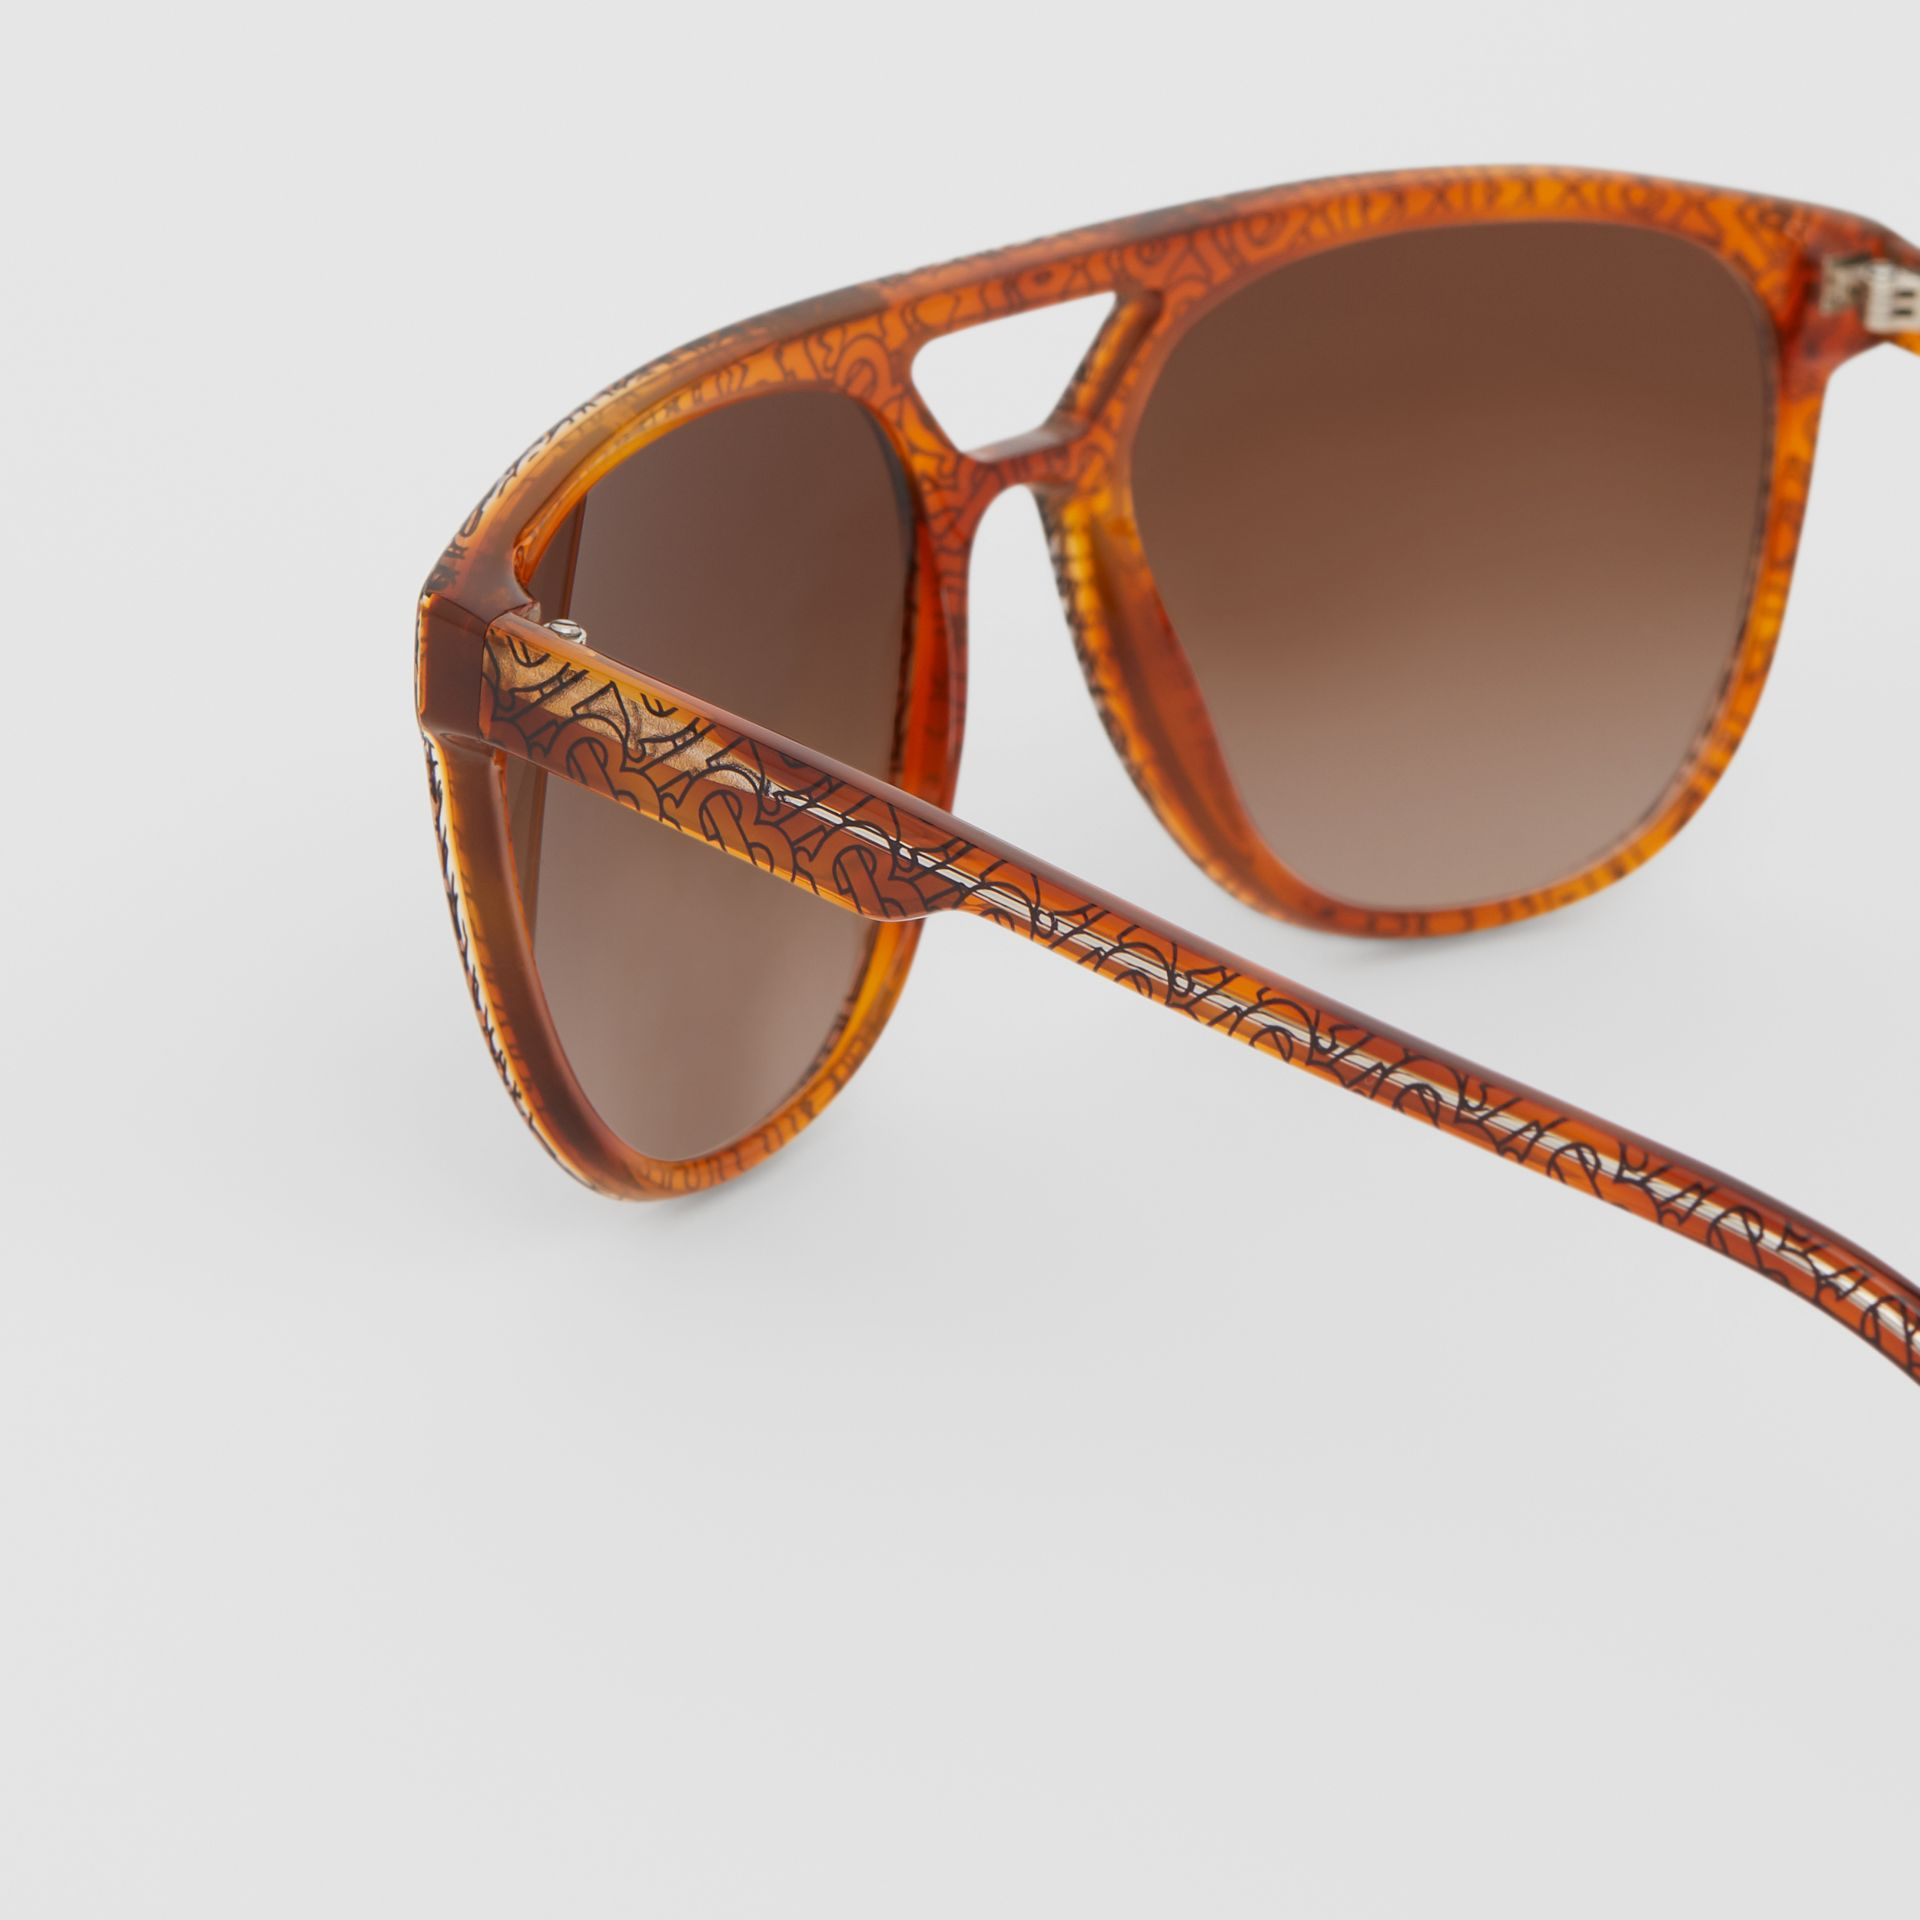 領航員太陽眼鏡 (玳瑁紋琥珀色) - 男款 | Burberry - 圖庫照片 1